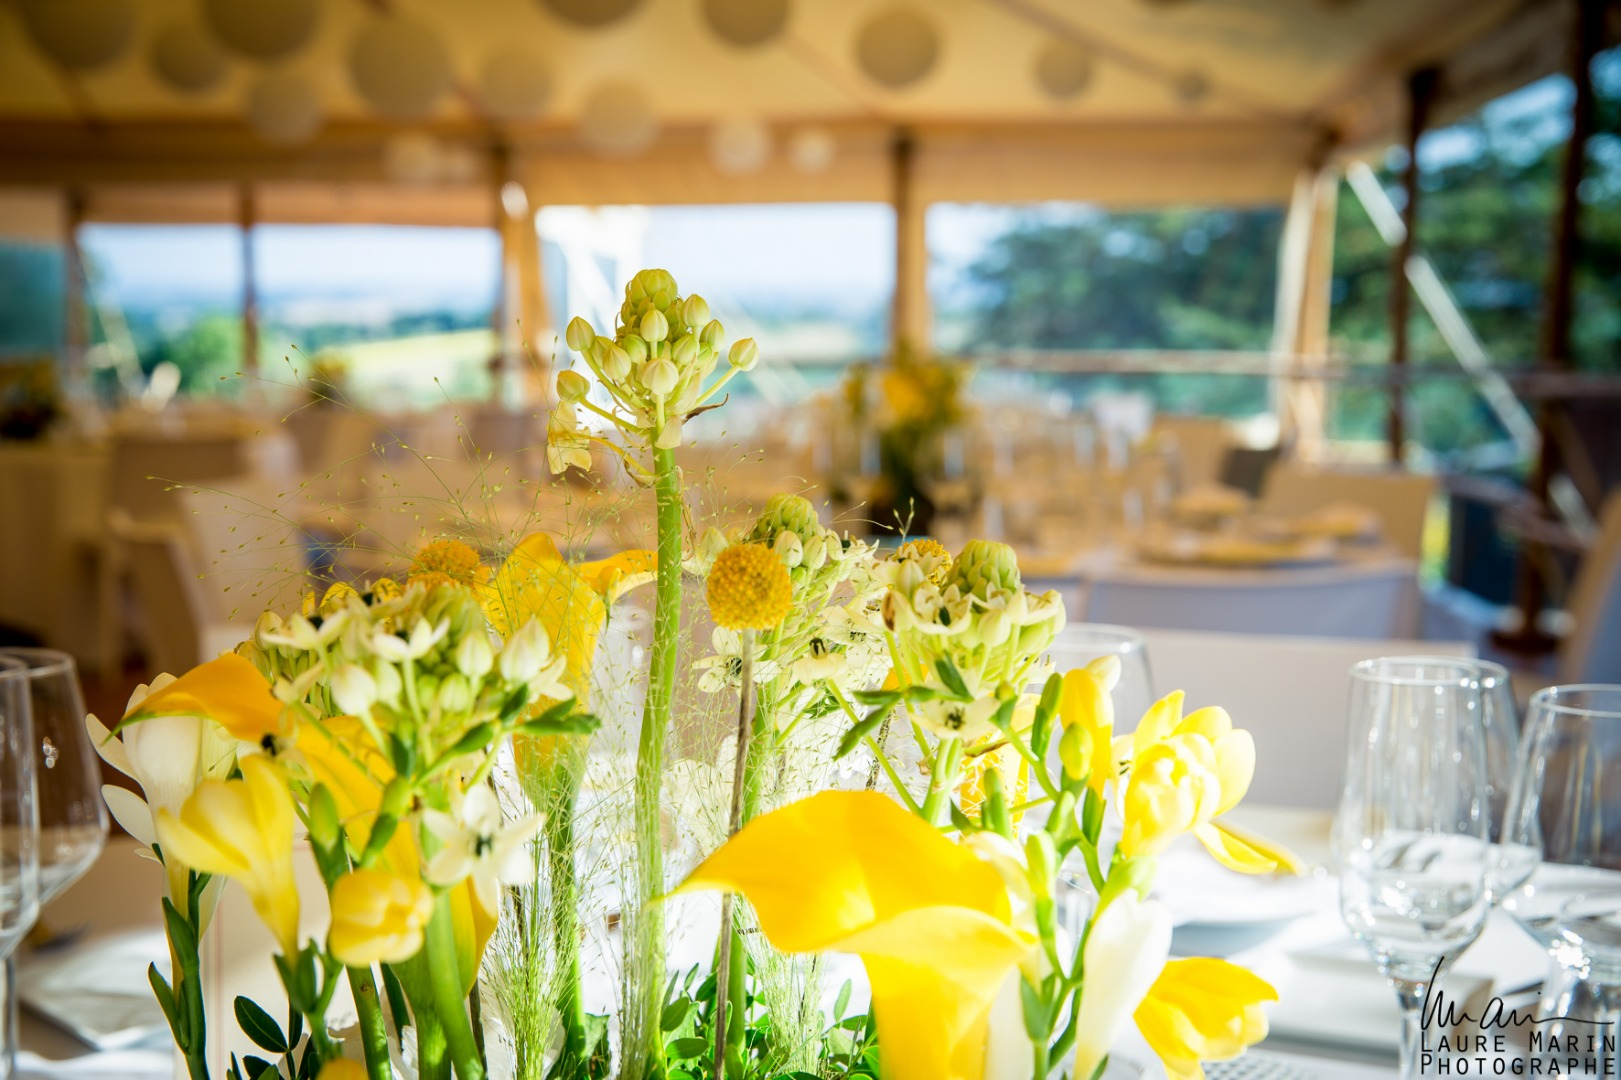 Pot de fleur jaune La Dolce Vita Organisation Mariage Toulouse.jpg